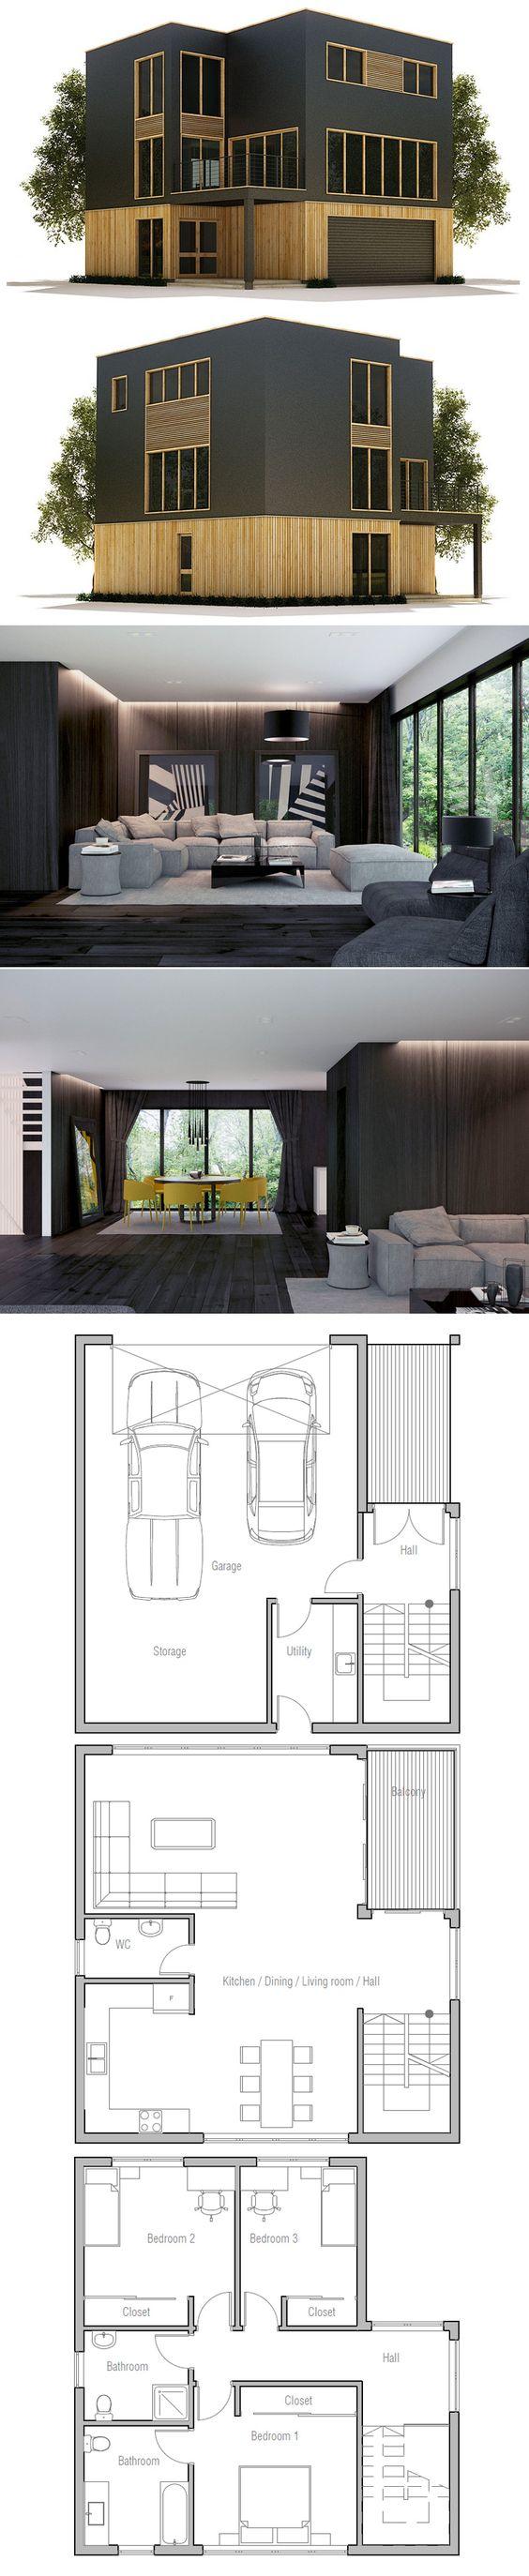 Plans de maisons modernes, maisons modernes and plans de maison on ...